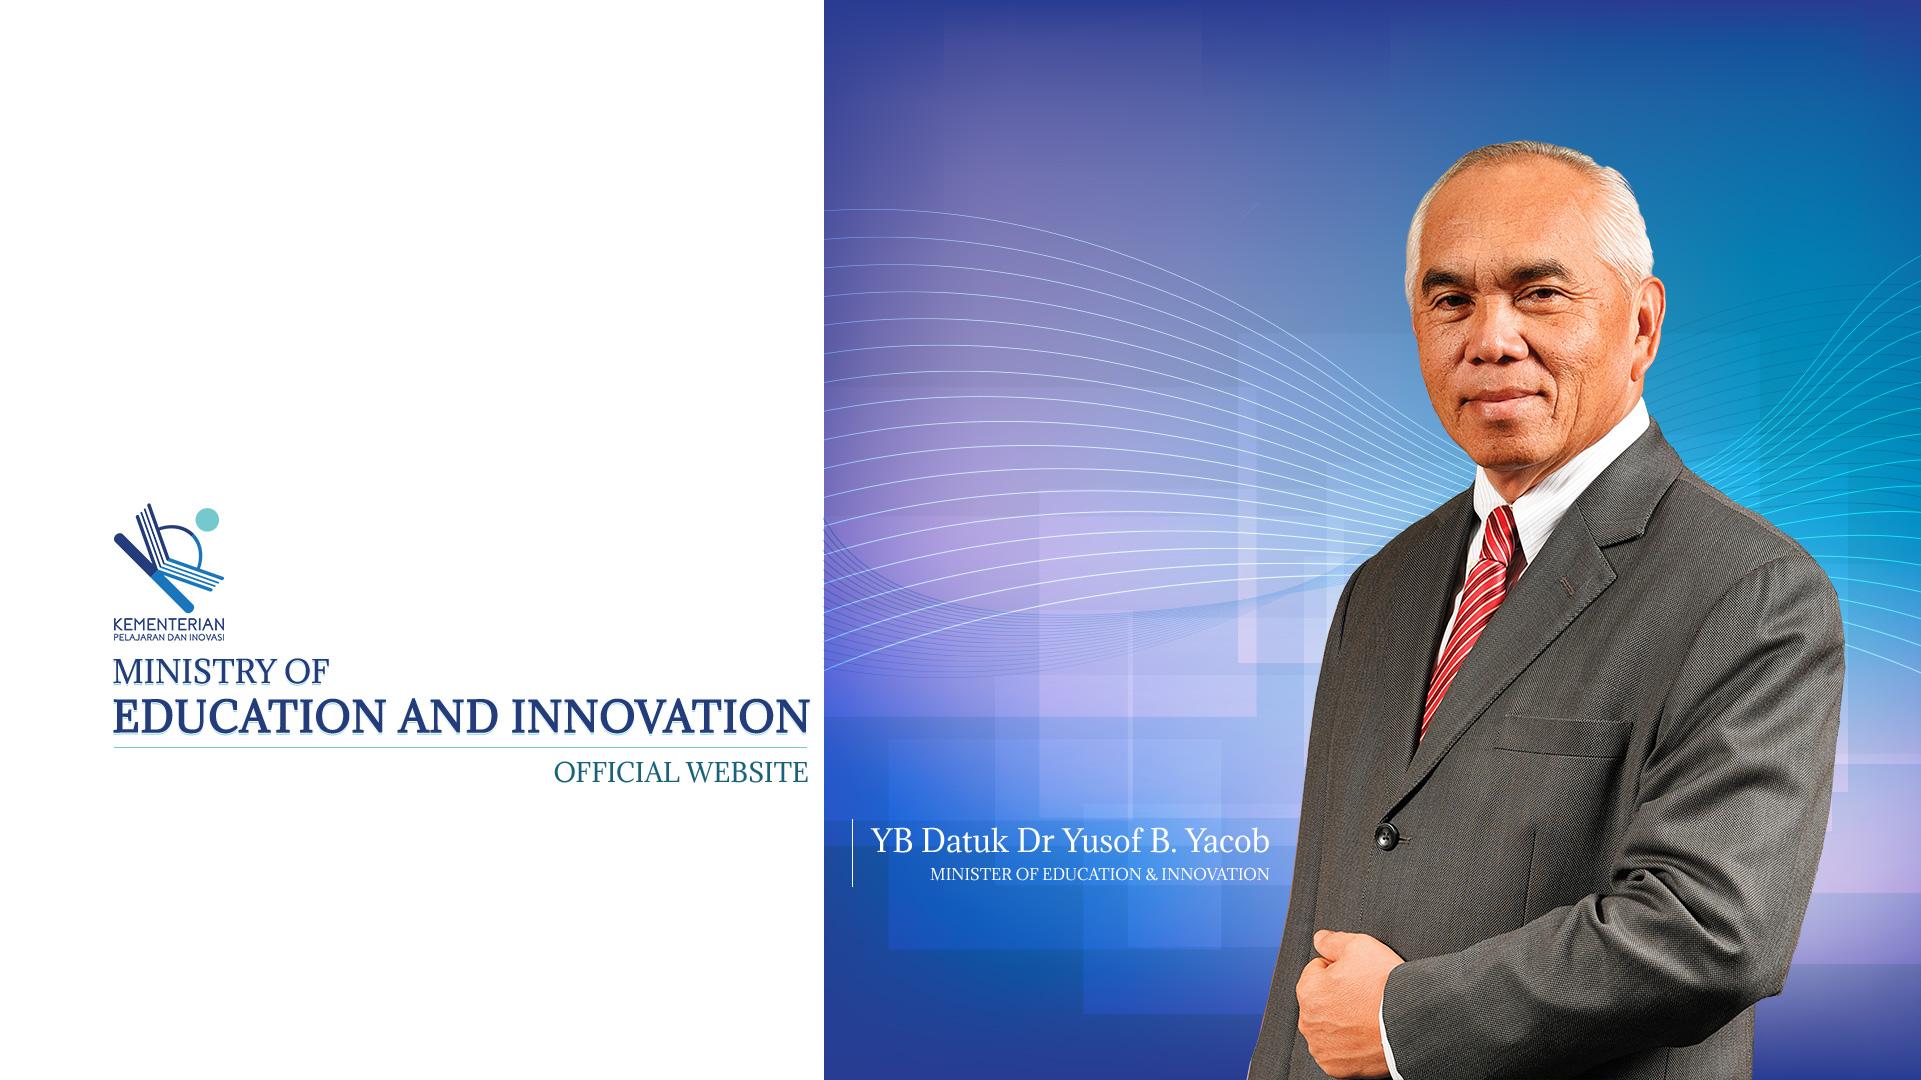 Home Kementerian Pelajaran Dan Inovasi